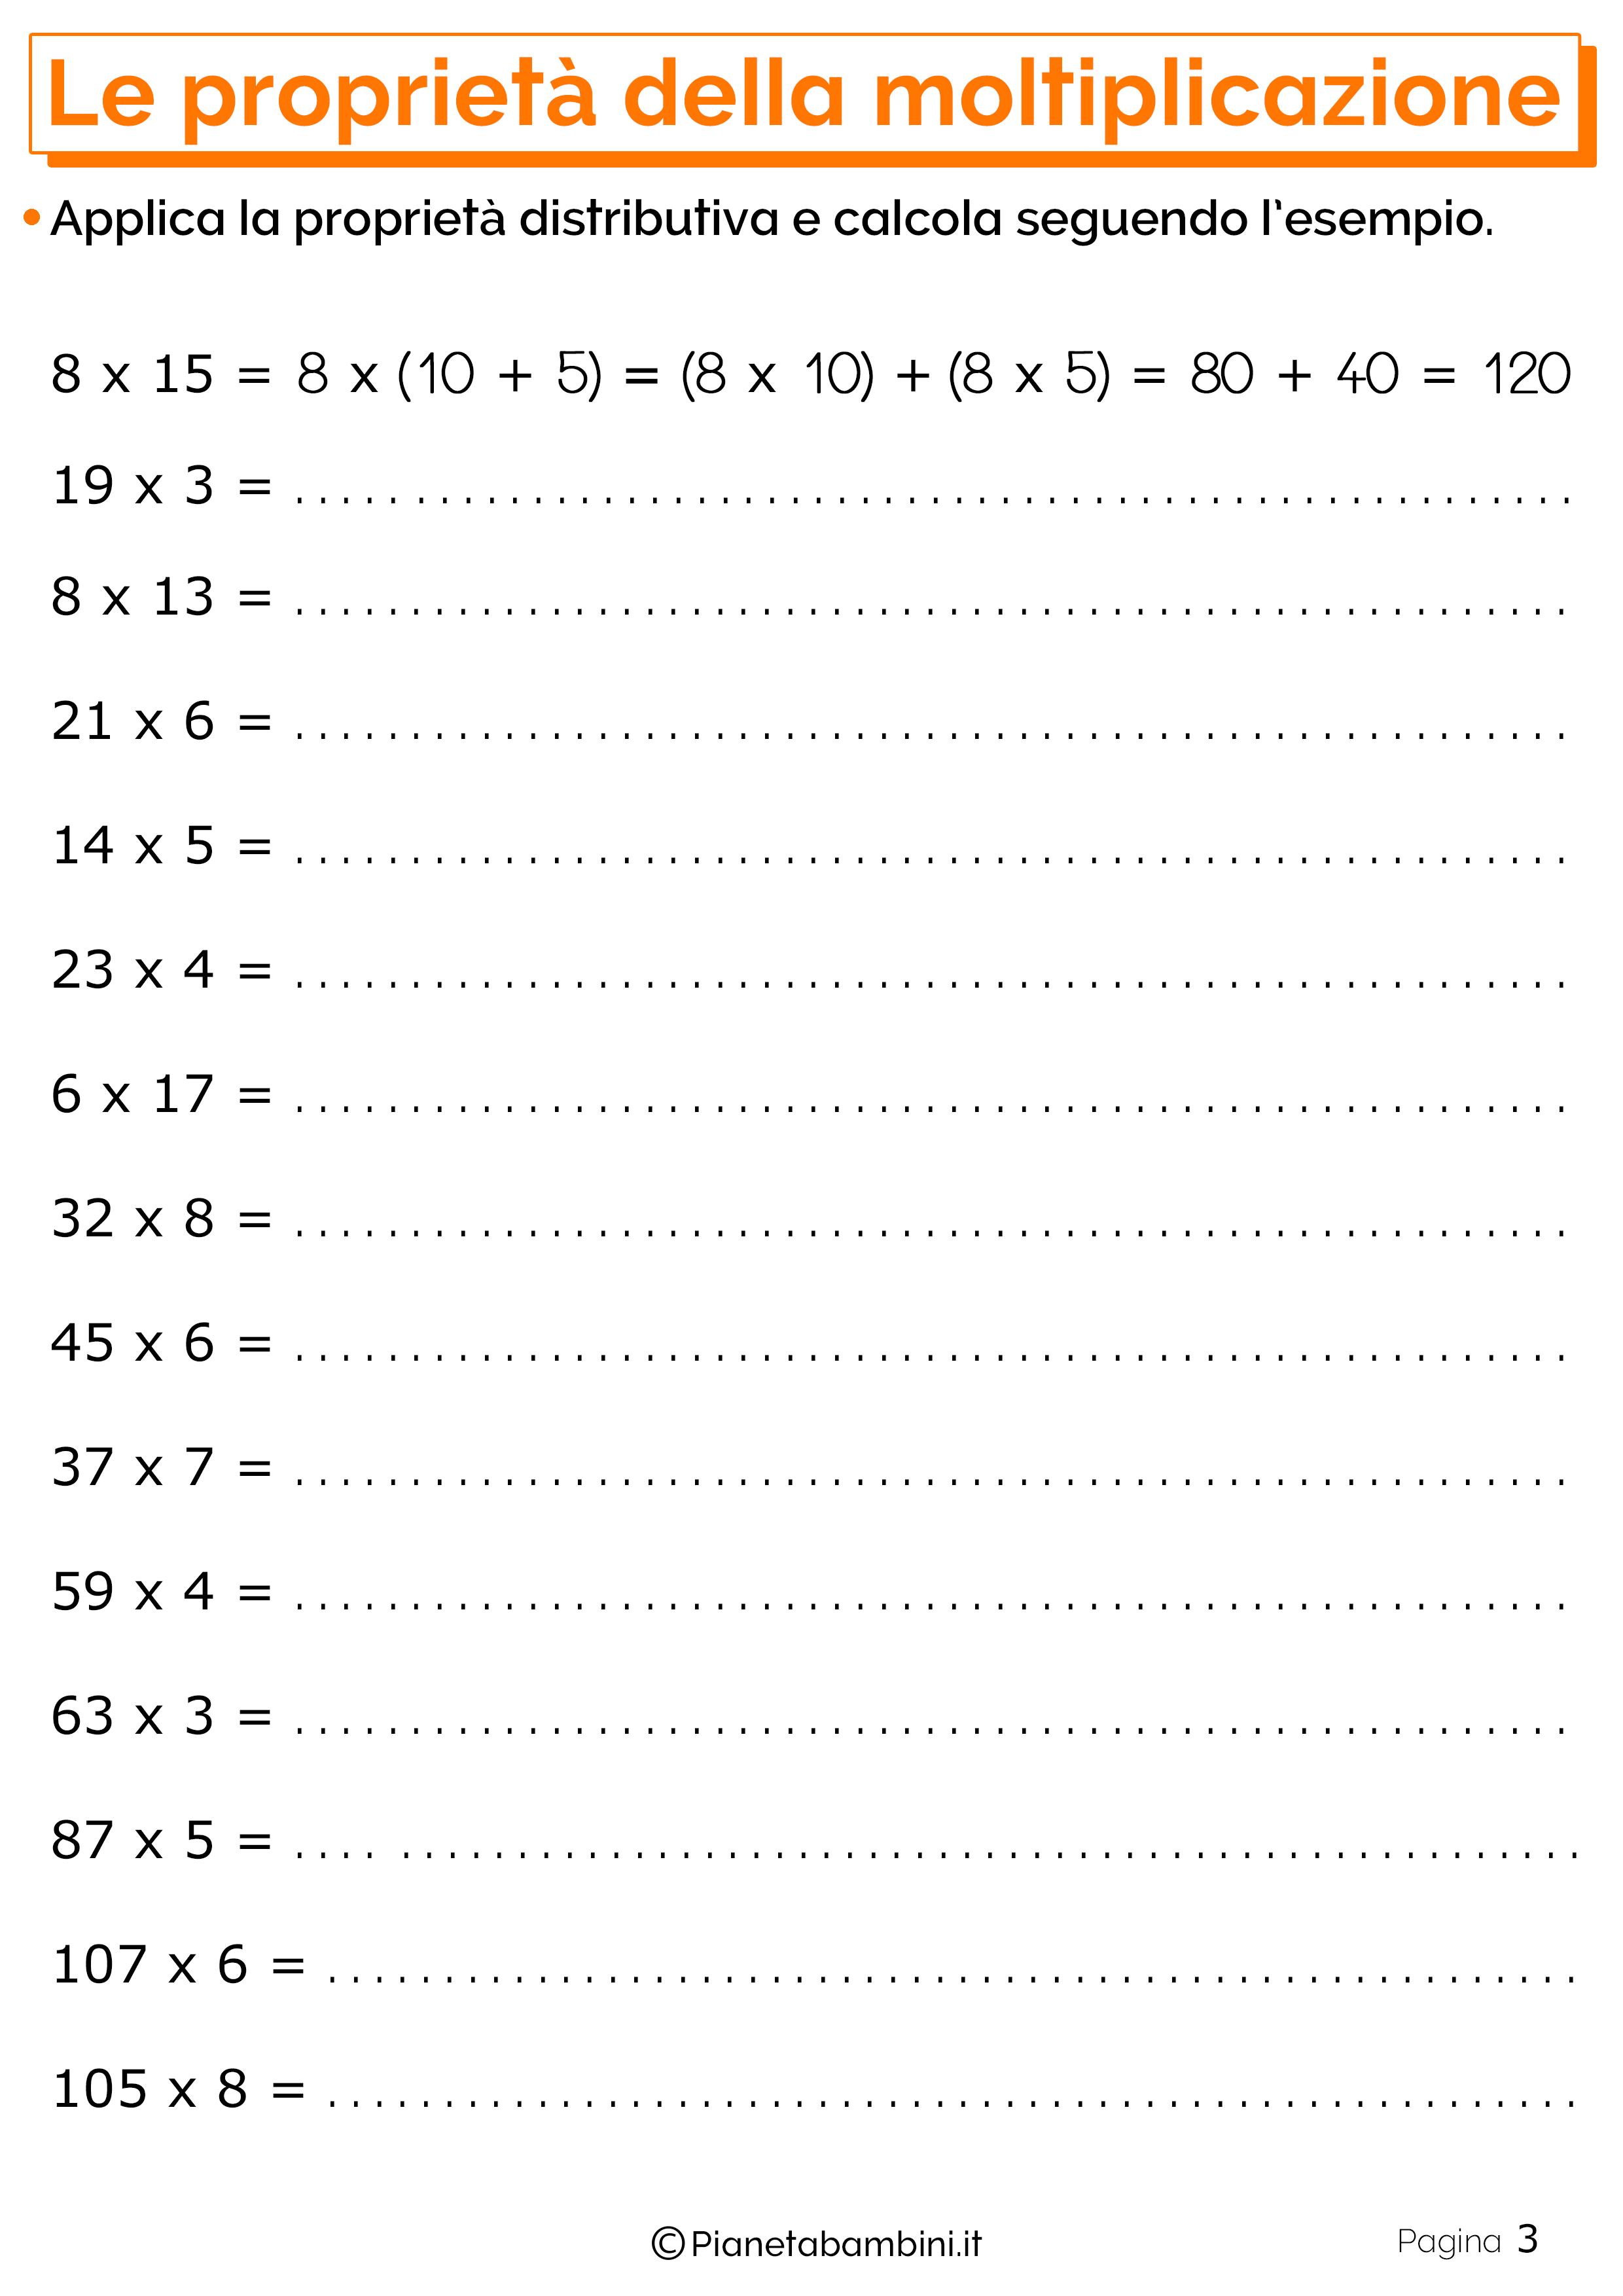 Schede didattiche sulle Proprieta della moltiplicazione 3